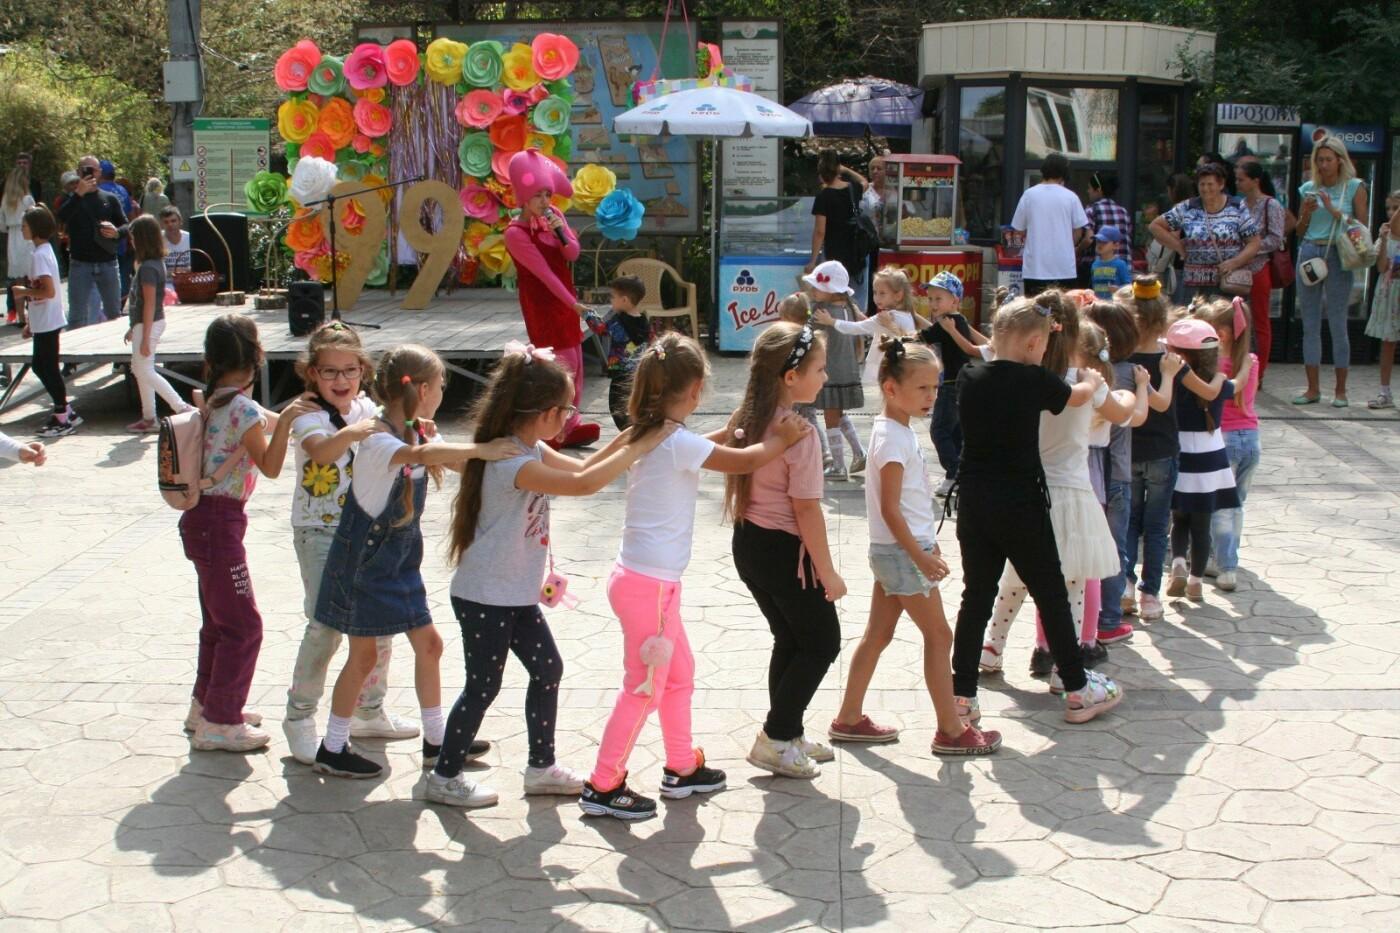 Одесскому зоопарку исполнилось 99 лет, как отмечали это событие горожане, - ФОТОРЕПОРТАЖ , фото-3